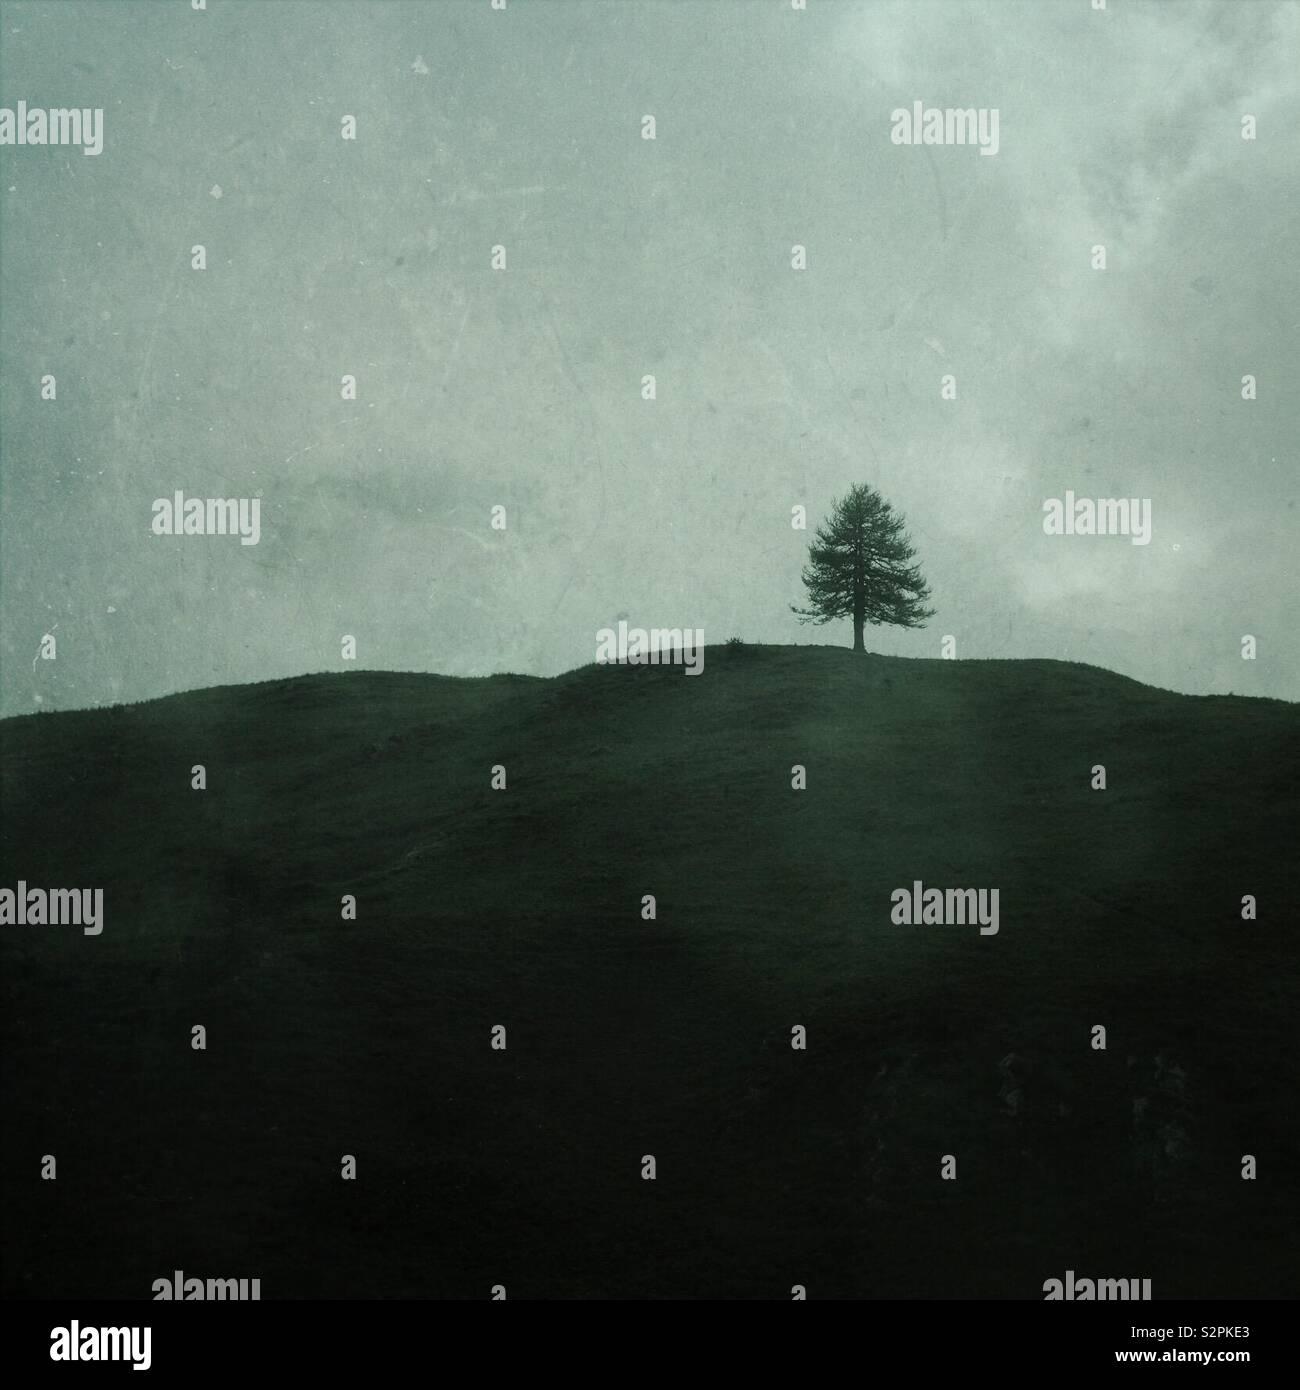 Ein einsamer Baum auf einem Hügel minimal Landschaft in Grün - minimalistische Baum - einsamer Baum Landschaft Stockfoto